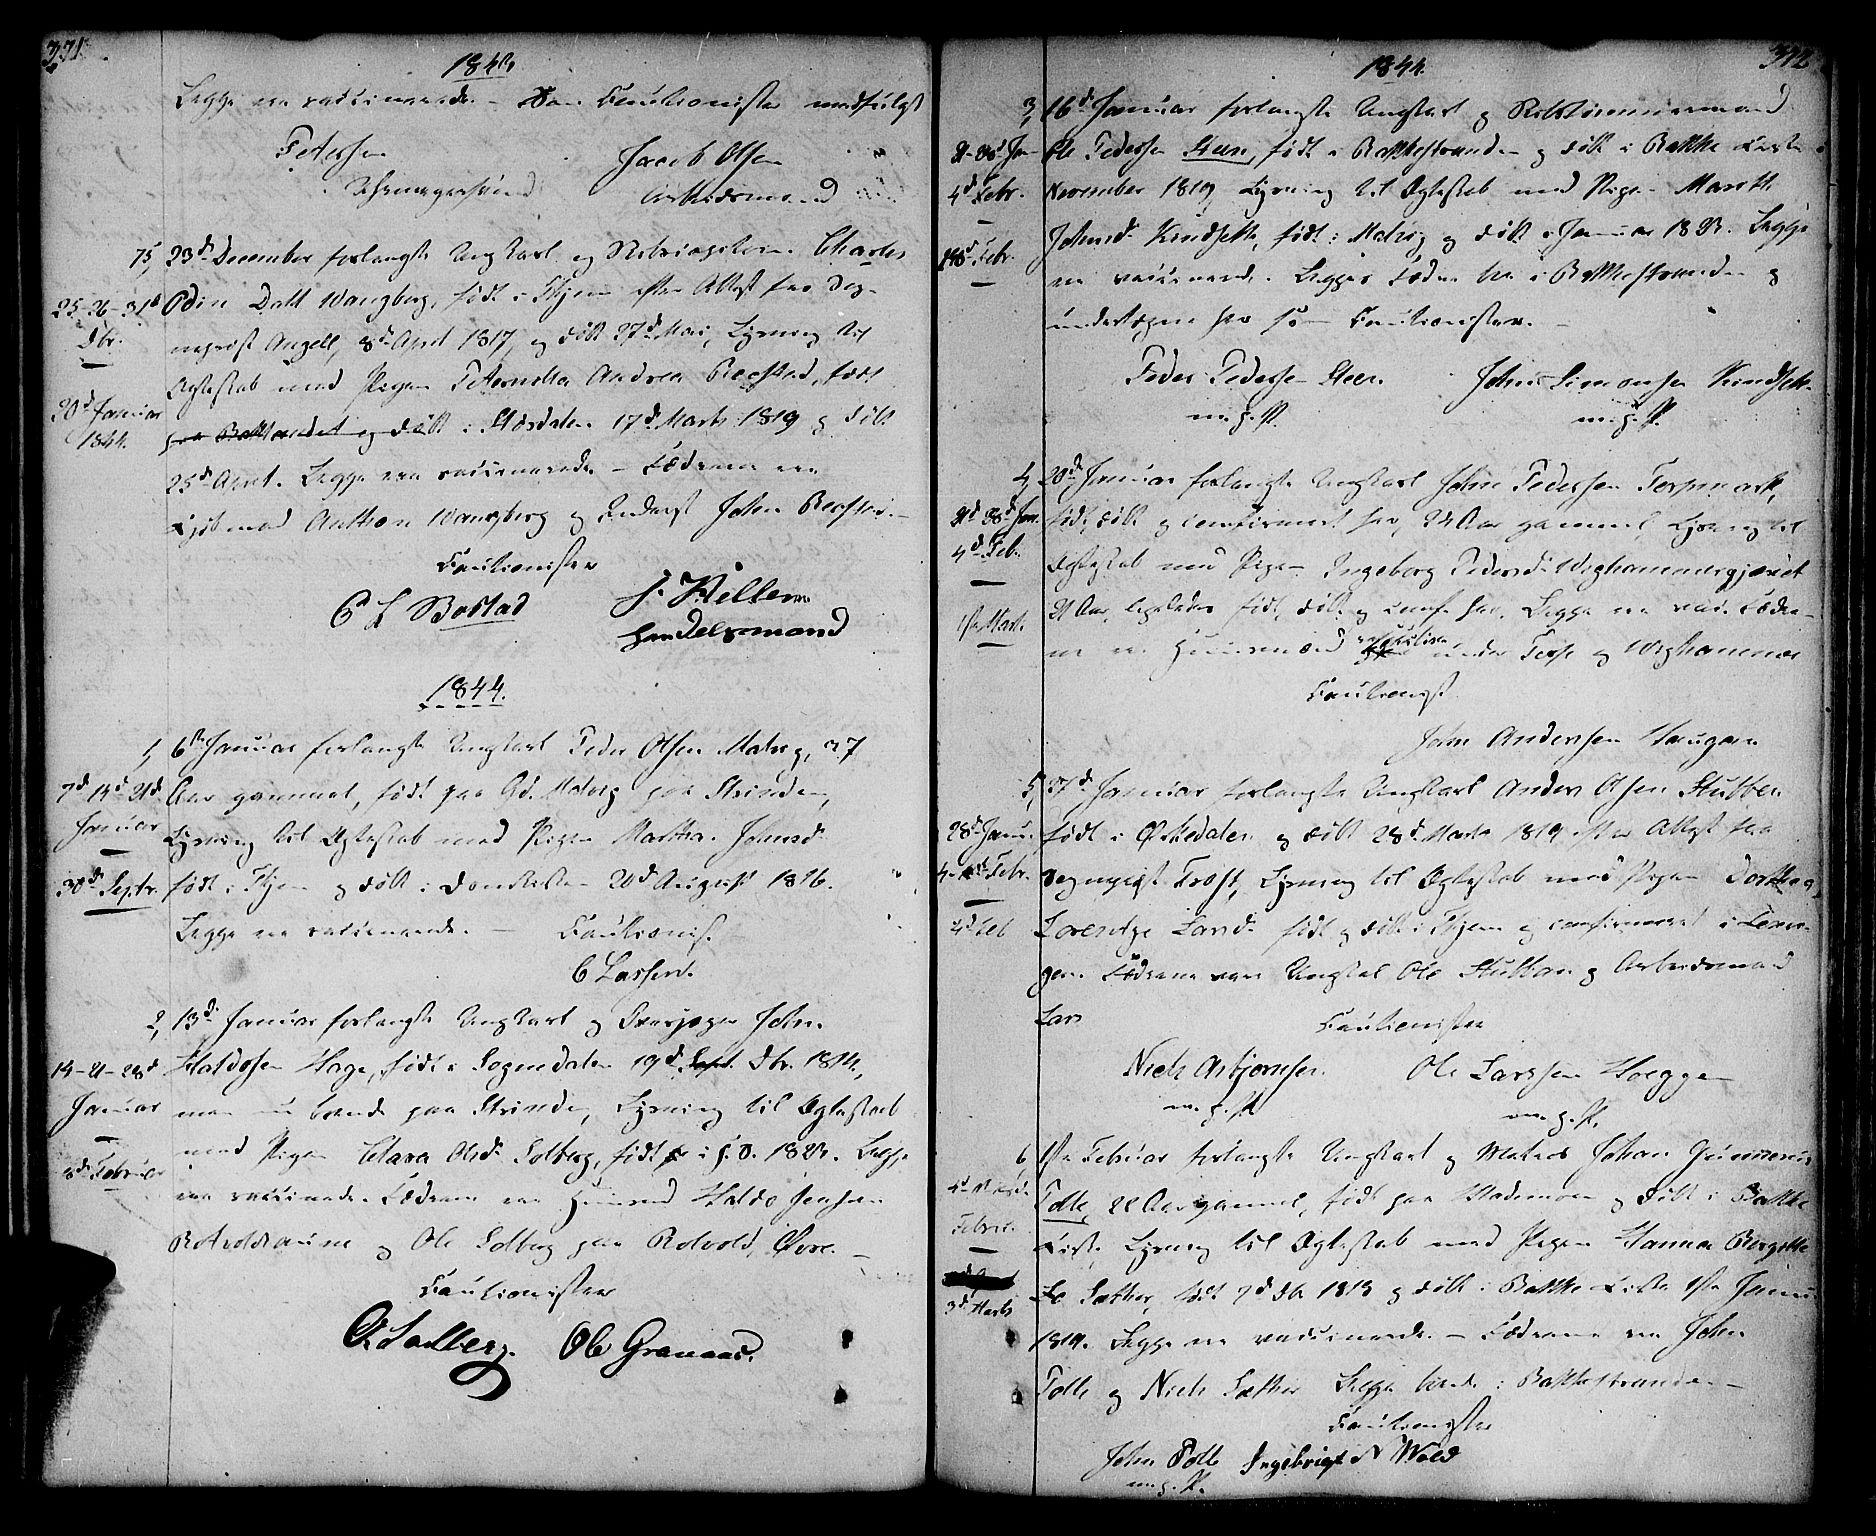 SAT, Ministerialprotokoller, klokkerbøker og fødselsregistre - Sør-Trøndelag, 604/L0181: Ministerialbok nr. 604A02, 1798-1817, s. 371-372